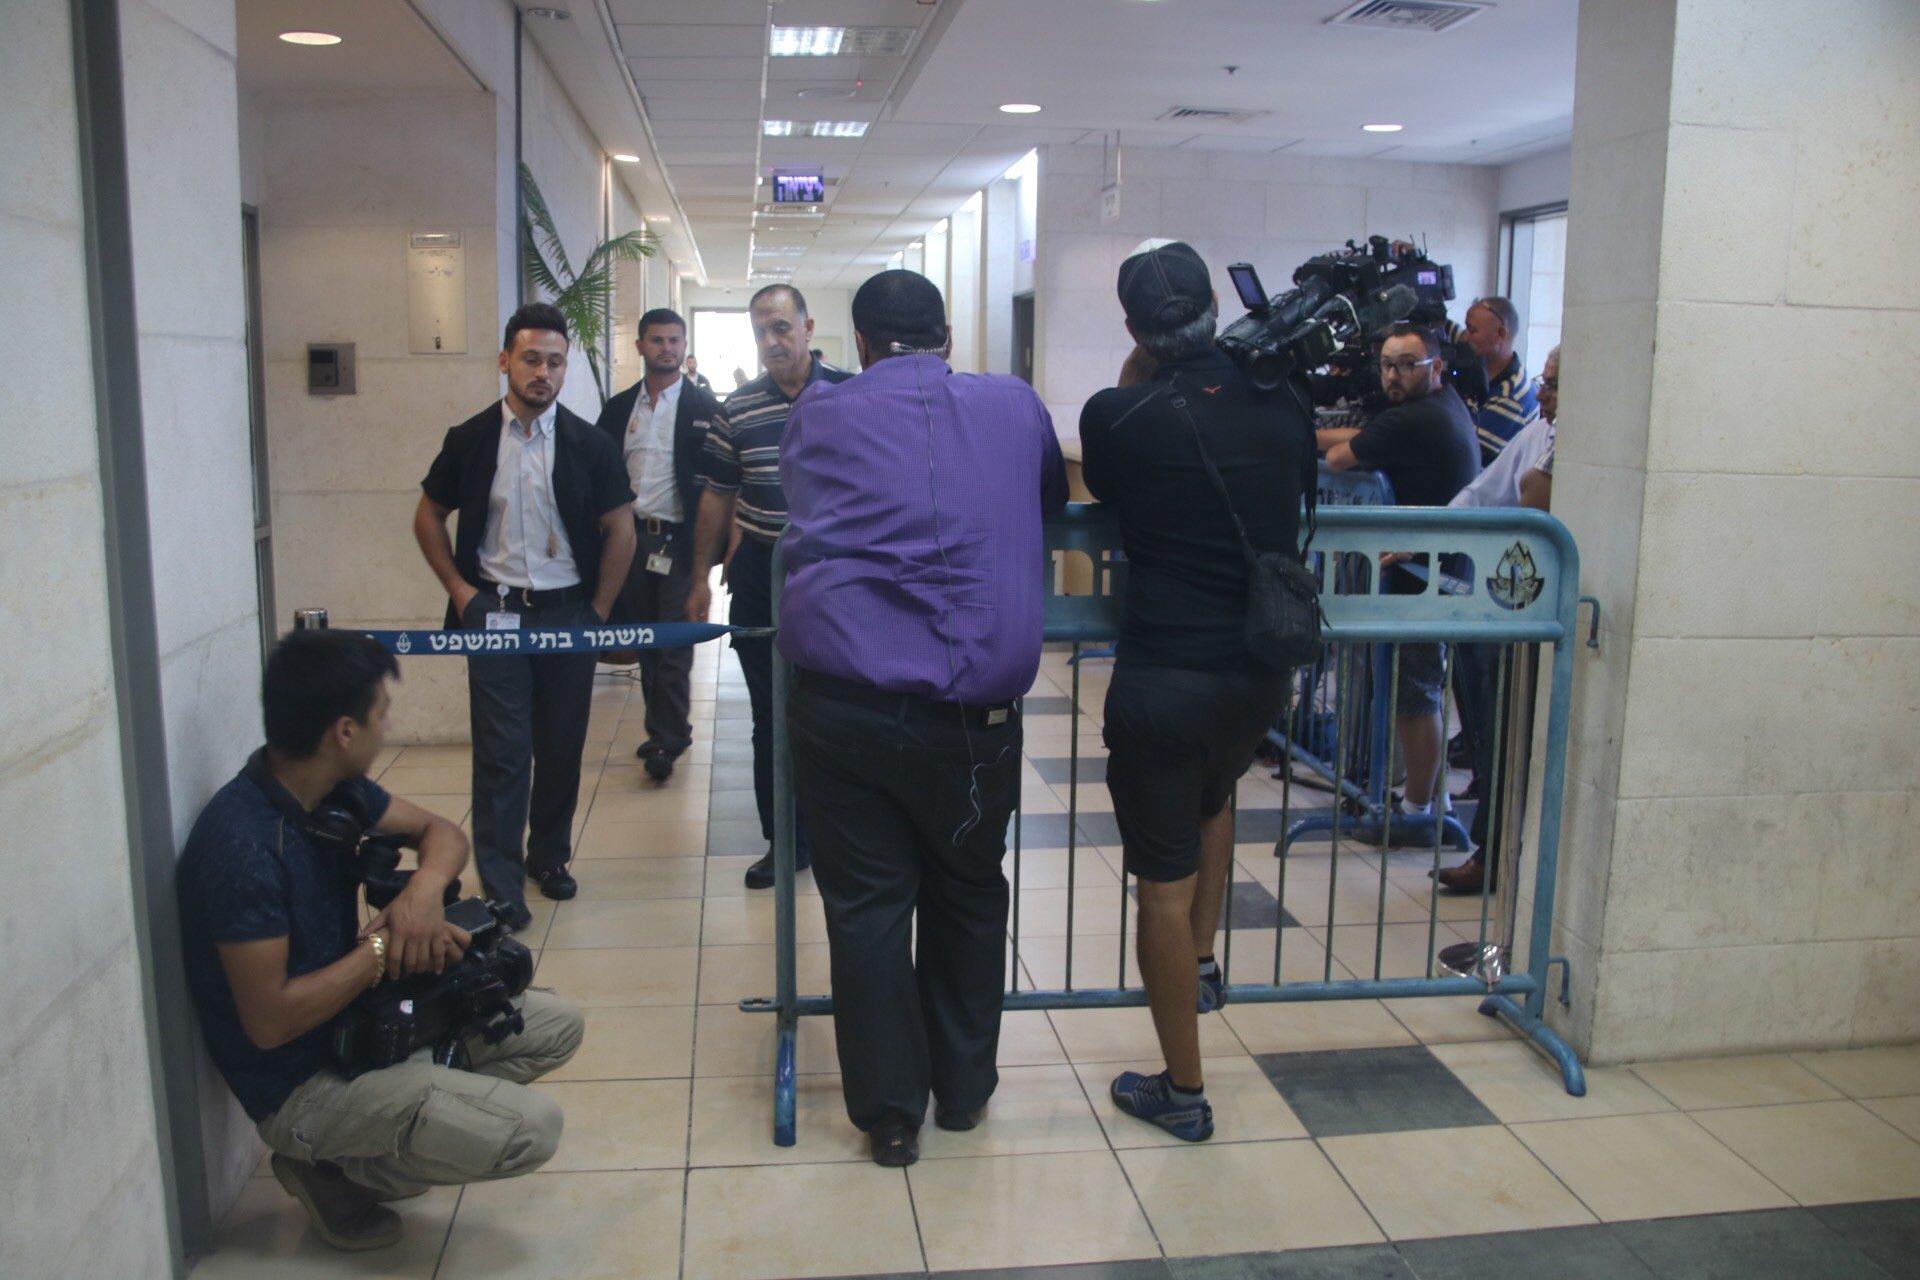 تمديد اعتقال الشيخ صلاح حتى 21.8